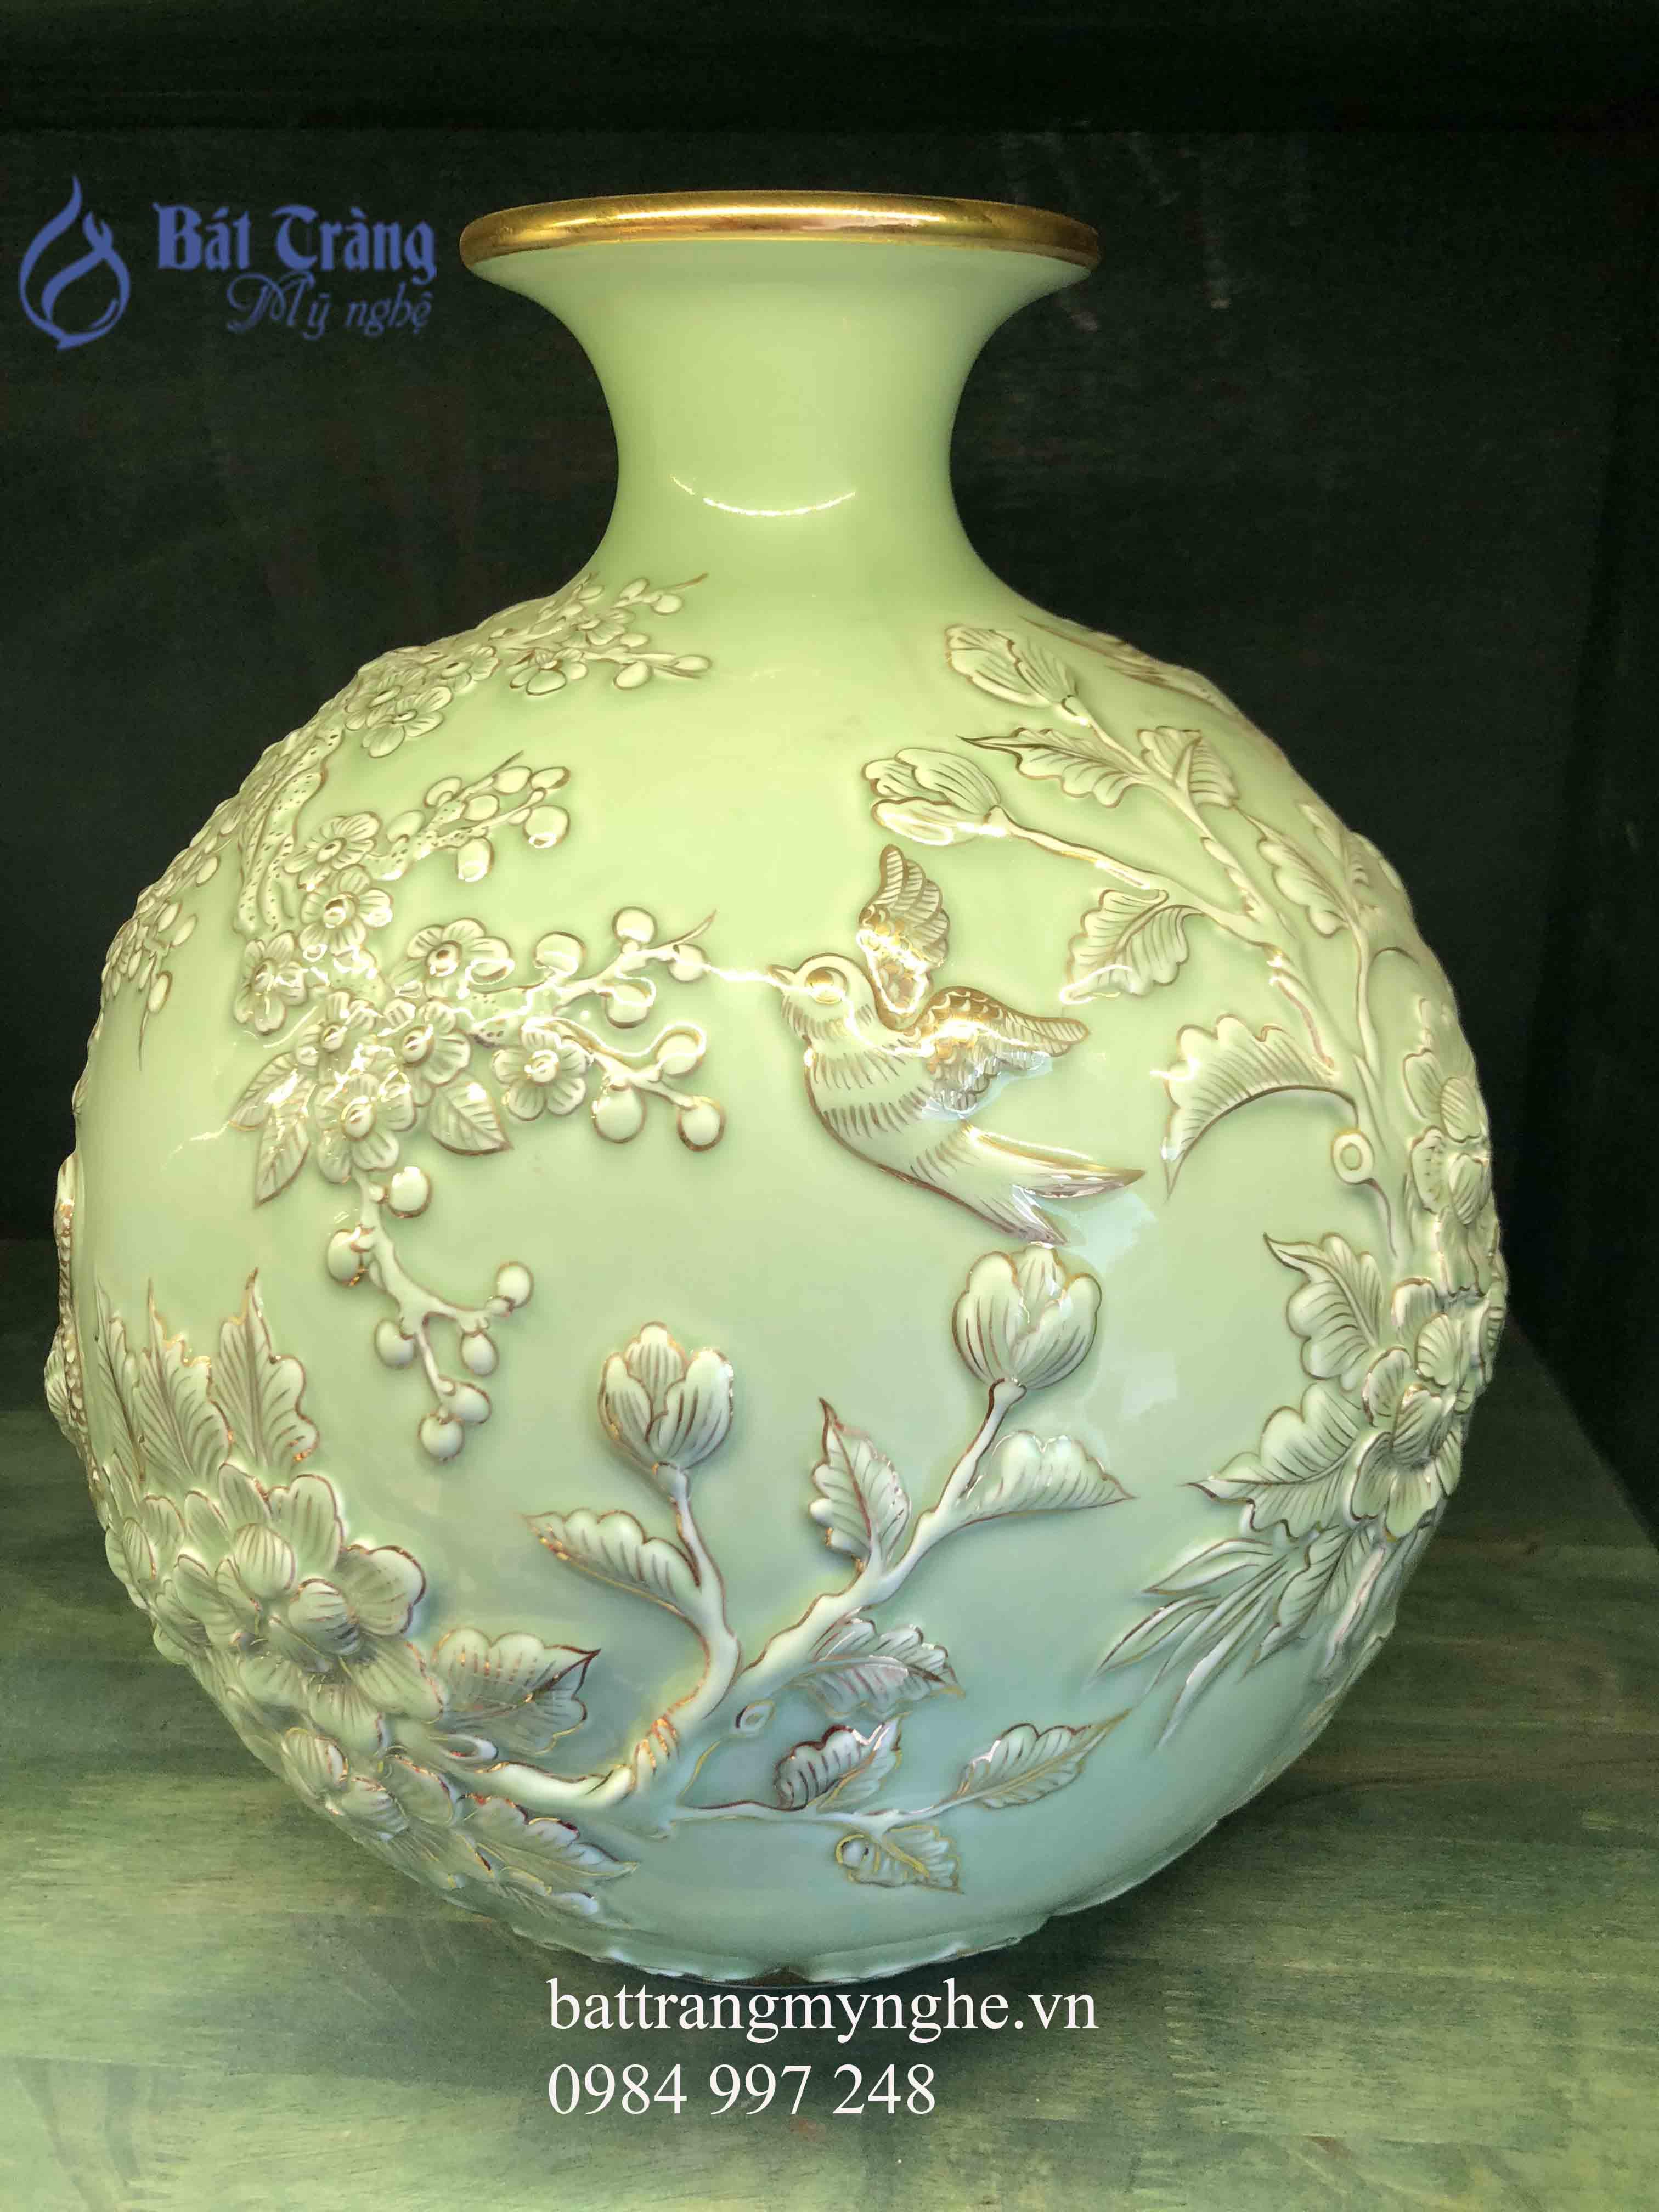 Bình hút tài lộc đắp nổi công hoa cao 40cm men xanh